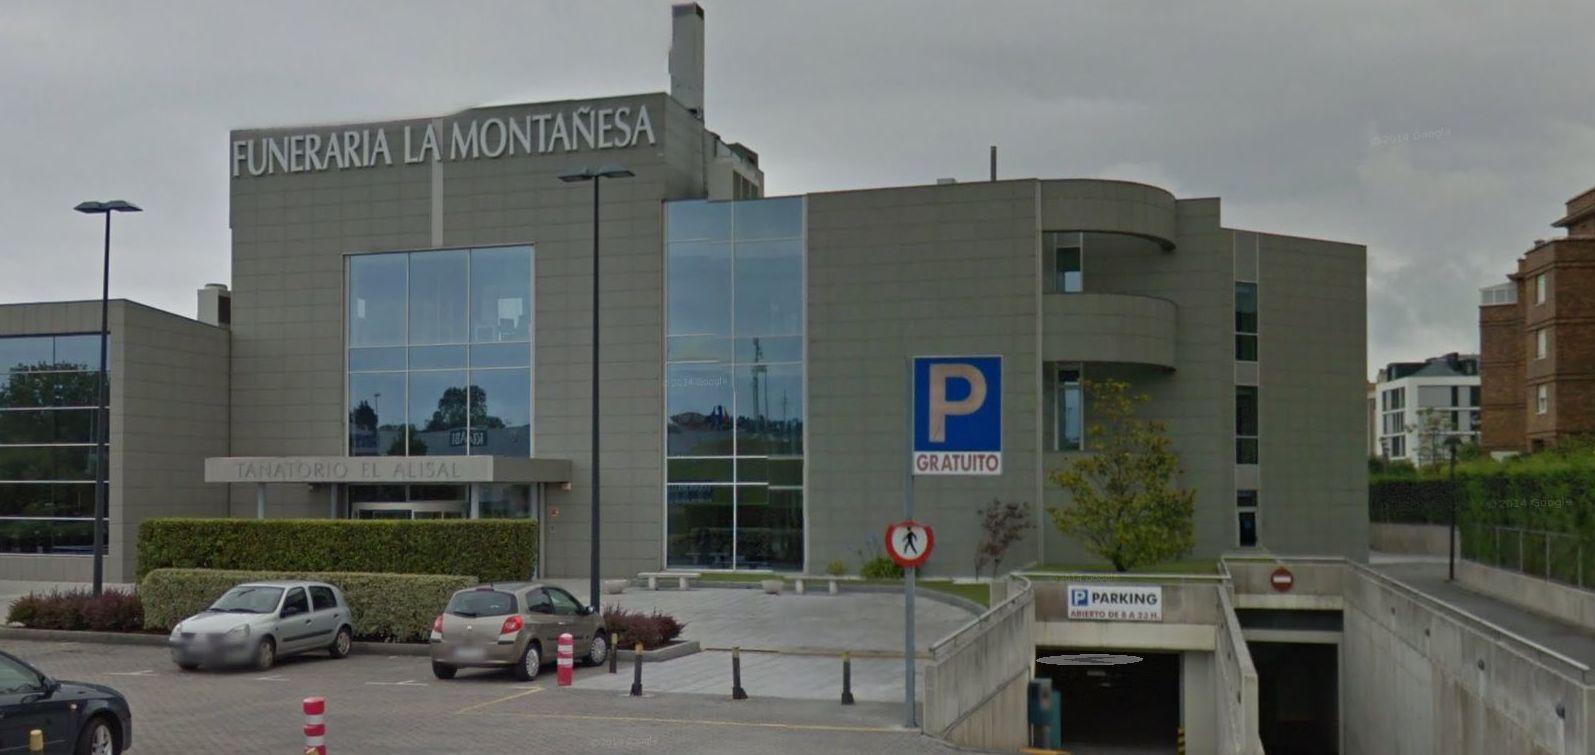 Tanatorio El Alisal: Servicios de Funeraria La Montañesa, S.L.